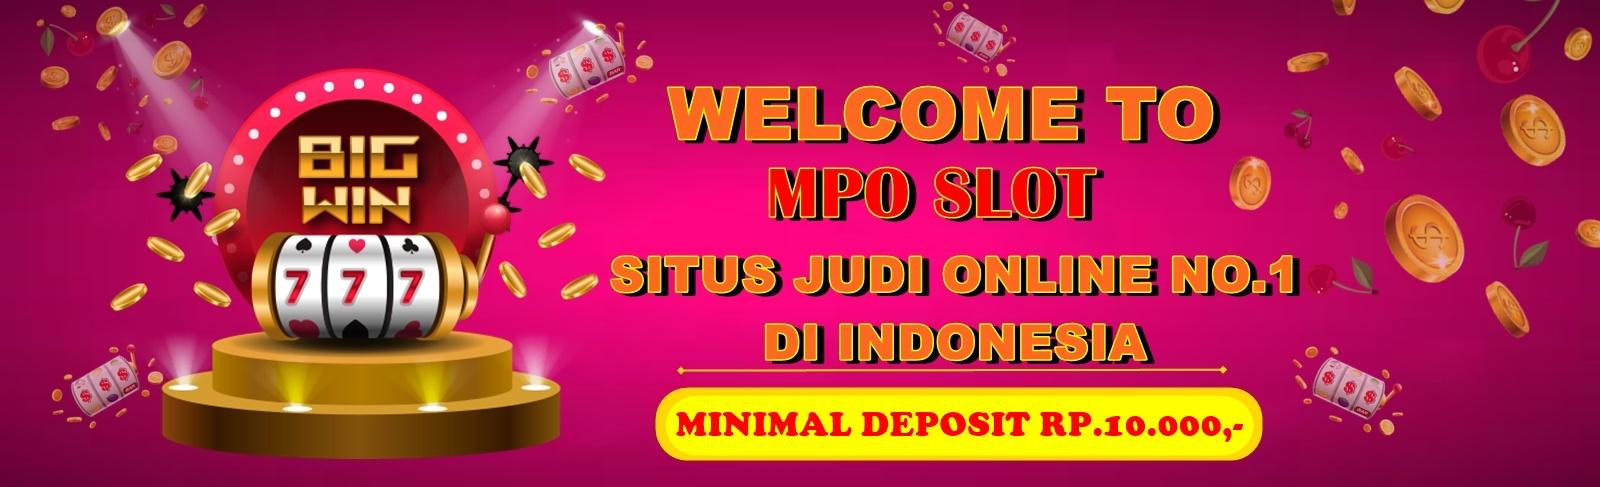 MPO SLOT